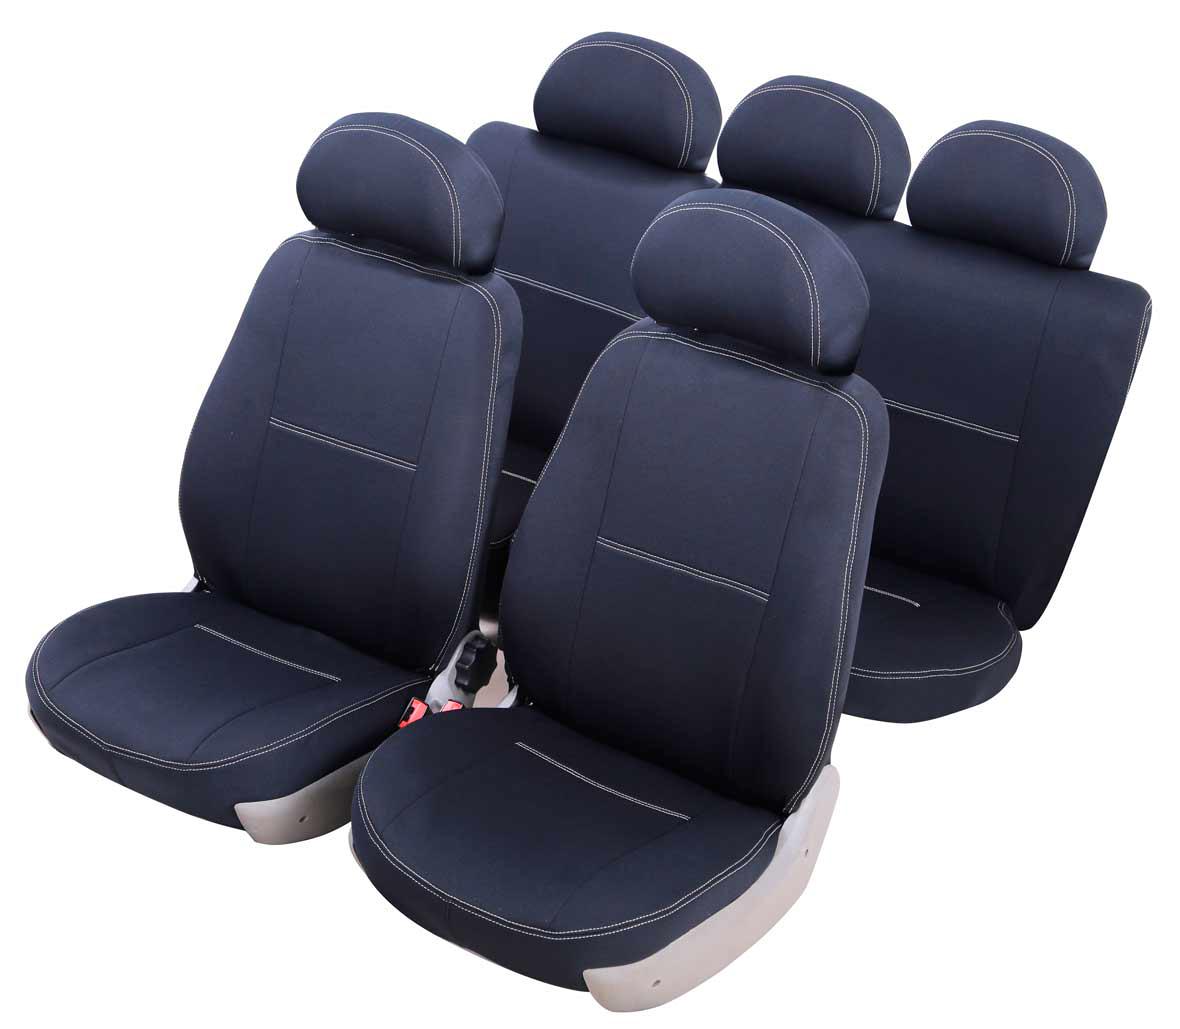 Чехол на автокресло Azard Standard, для Renault Logan (2004-2013 гг), седанA4010011Модельные чехлы из полиэстера Azard Standard. Разработаны в РФ индивидуально для каждого автомобиля. Чехлы Azard Standard серийно выпускаются на собственном швейном производстве в России. Чехлы идеально повторяют штатную форму сидений и выглядят как оригинальная обивка сидений. Для простоты установки используется липучка Velcro, учтены все технологические отверстия. Чехлы сохраняют полную функциональность салона – трасформация сидений, возможность установки детских кресел ISOFIX, не препятствуют работе подушек безопасности AIRBAG и подогрева сидений. Дизайн чехлов Azard Standard приближен к оригинальной обивке салона. Декоративная контрастная прострочка по периметру авточехлов придает стильный и изысканный внешний вид интерьеру автомобиля. Чехлы Azard Standard изготовлены из полиэстера, триплированного огнеупорным поролоном толщиной 3 мм, за счет чего чехол приобретает дополнительную мягкость. Подложка из спандбонда сохраняет свойства поролона и предотвращает его разрушение....